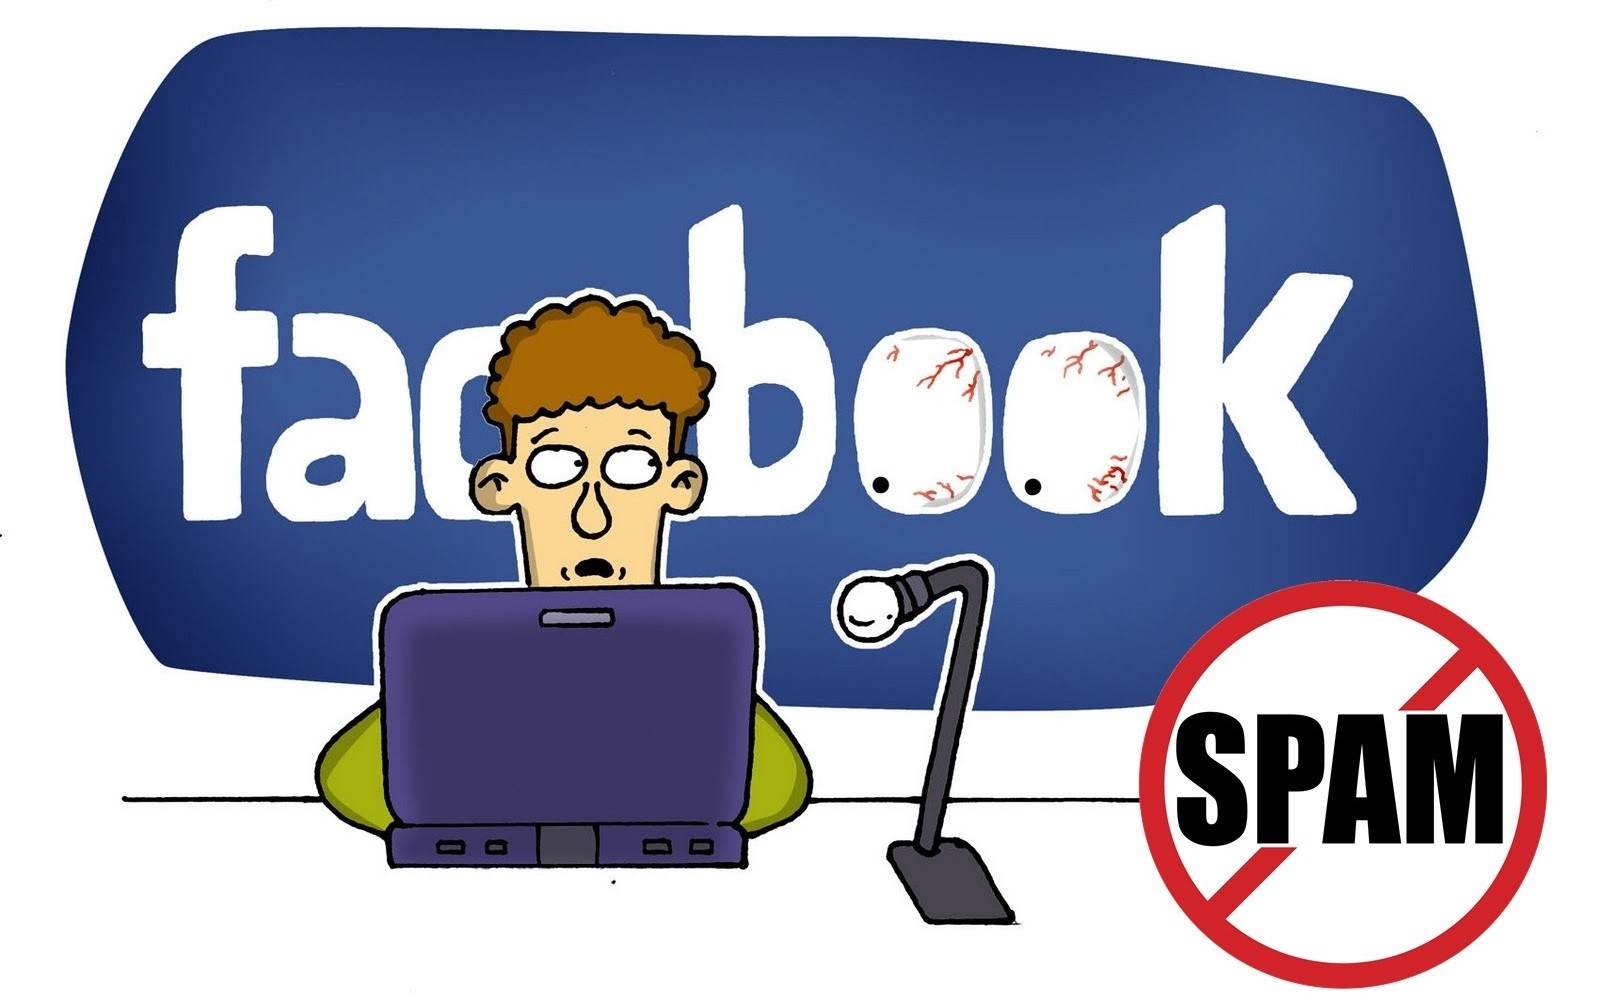 Inilah 5 Gaya Spam Yang Sering Muncul Di Facebook Terbaru 2021